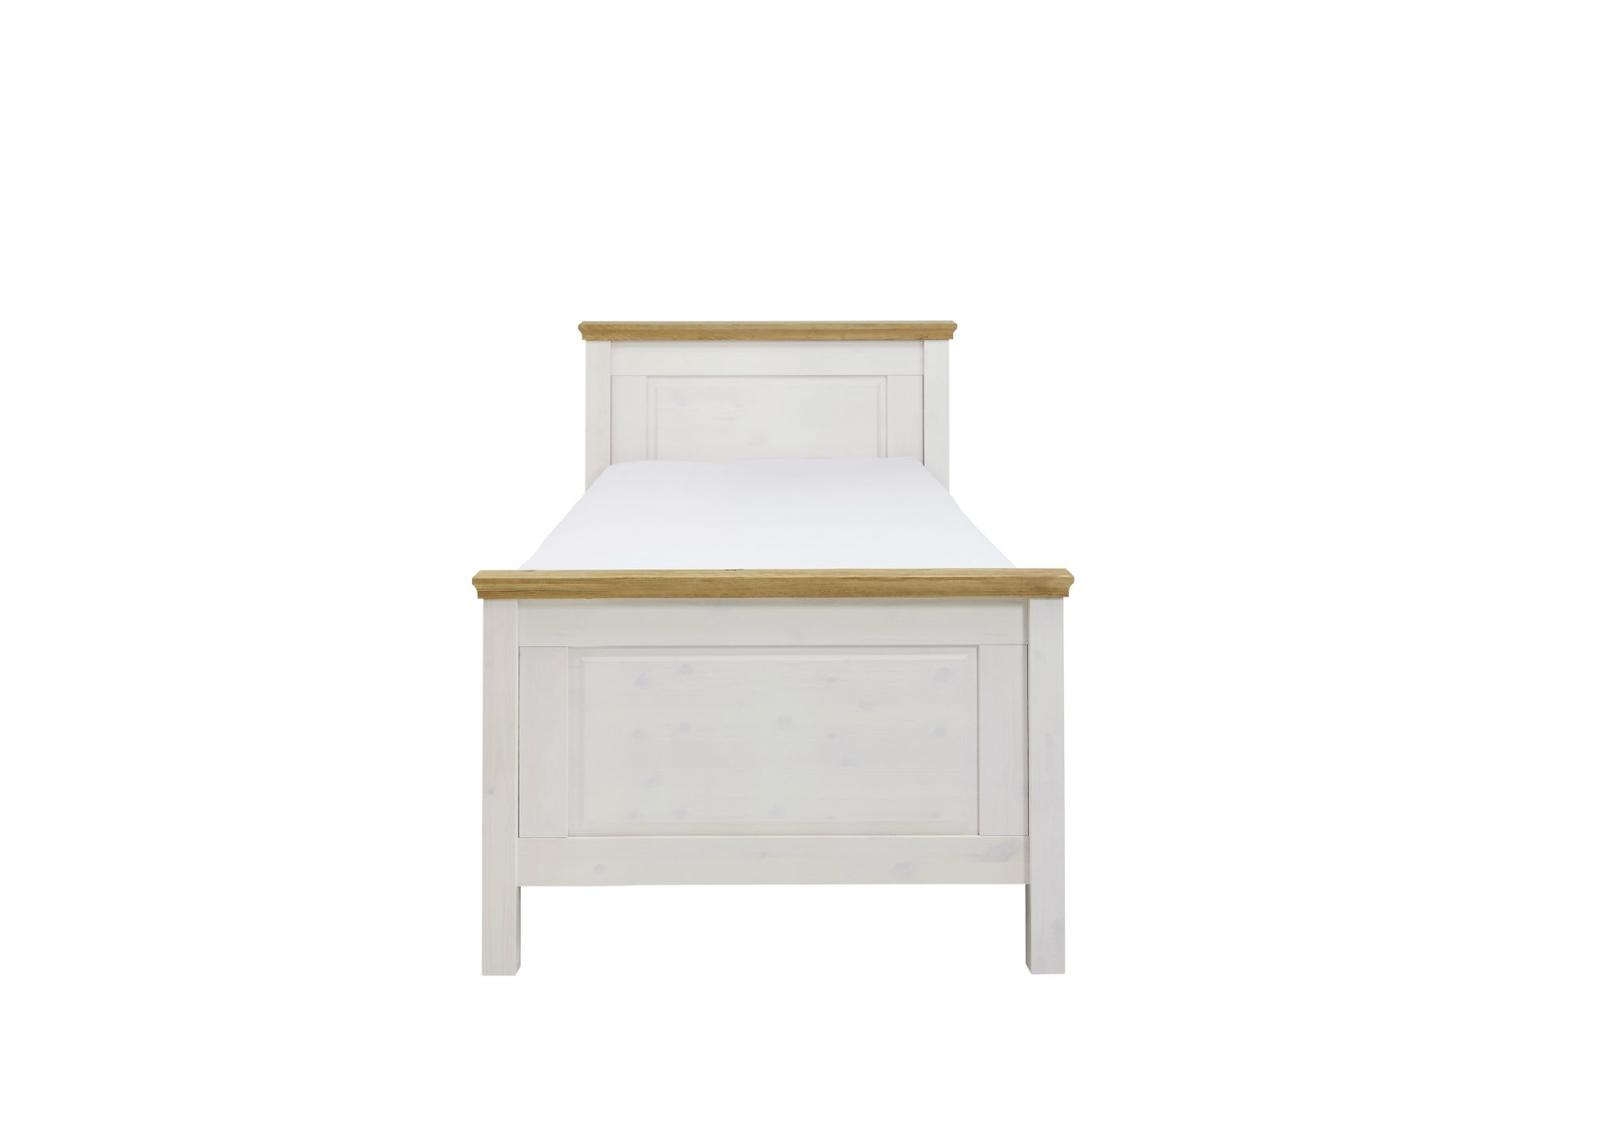 Anspruchsvoll Schlafzimmer Bett Weiß Referenz Von 90x200 Cm